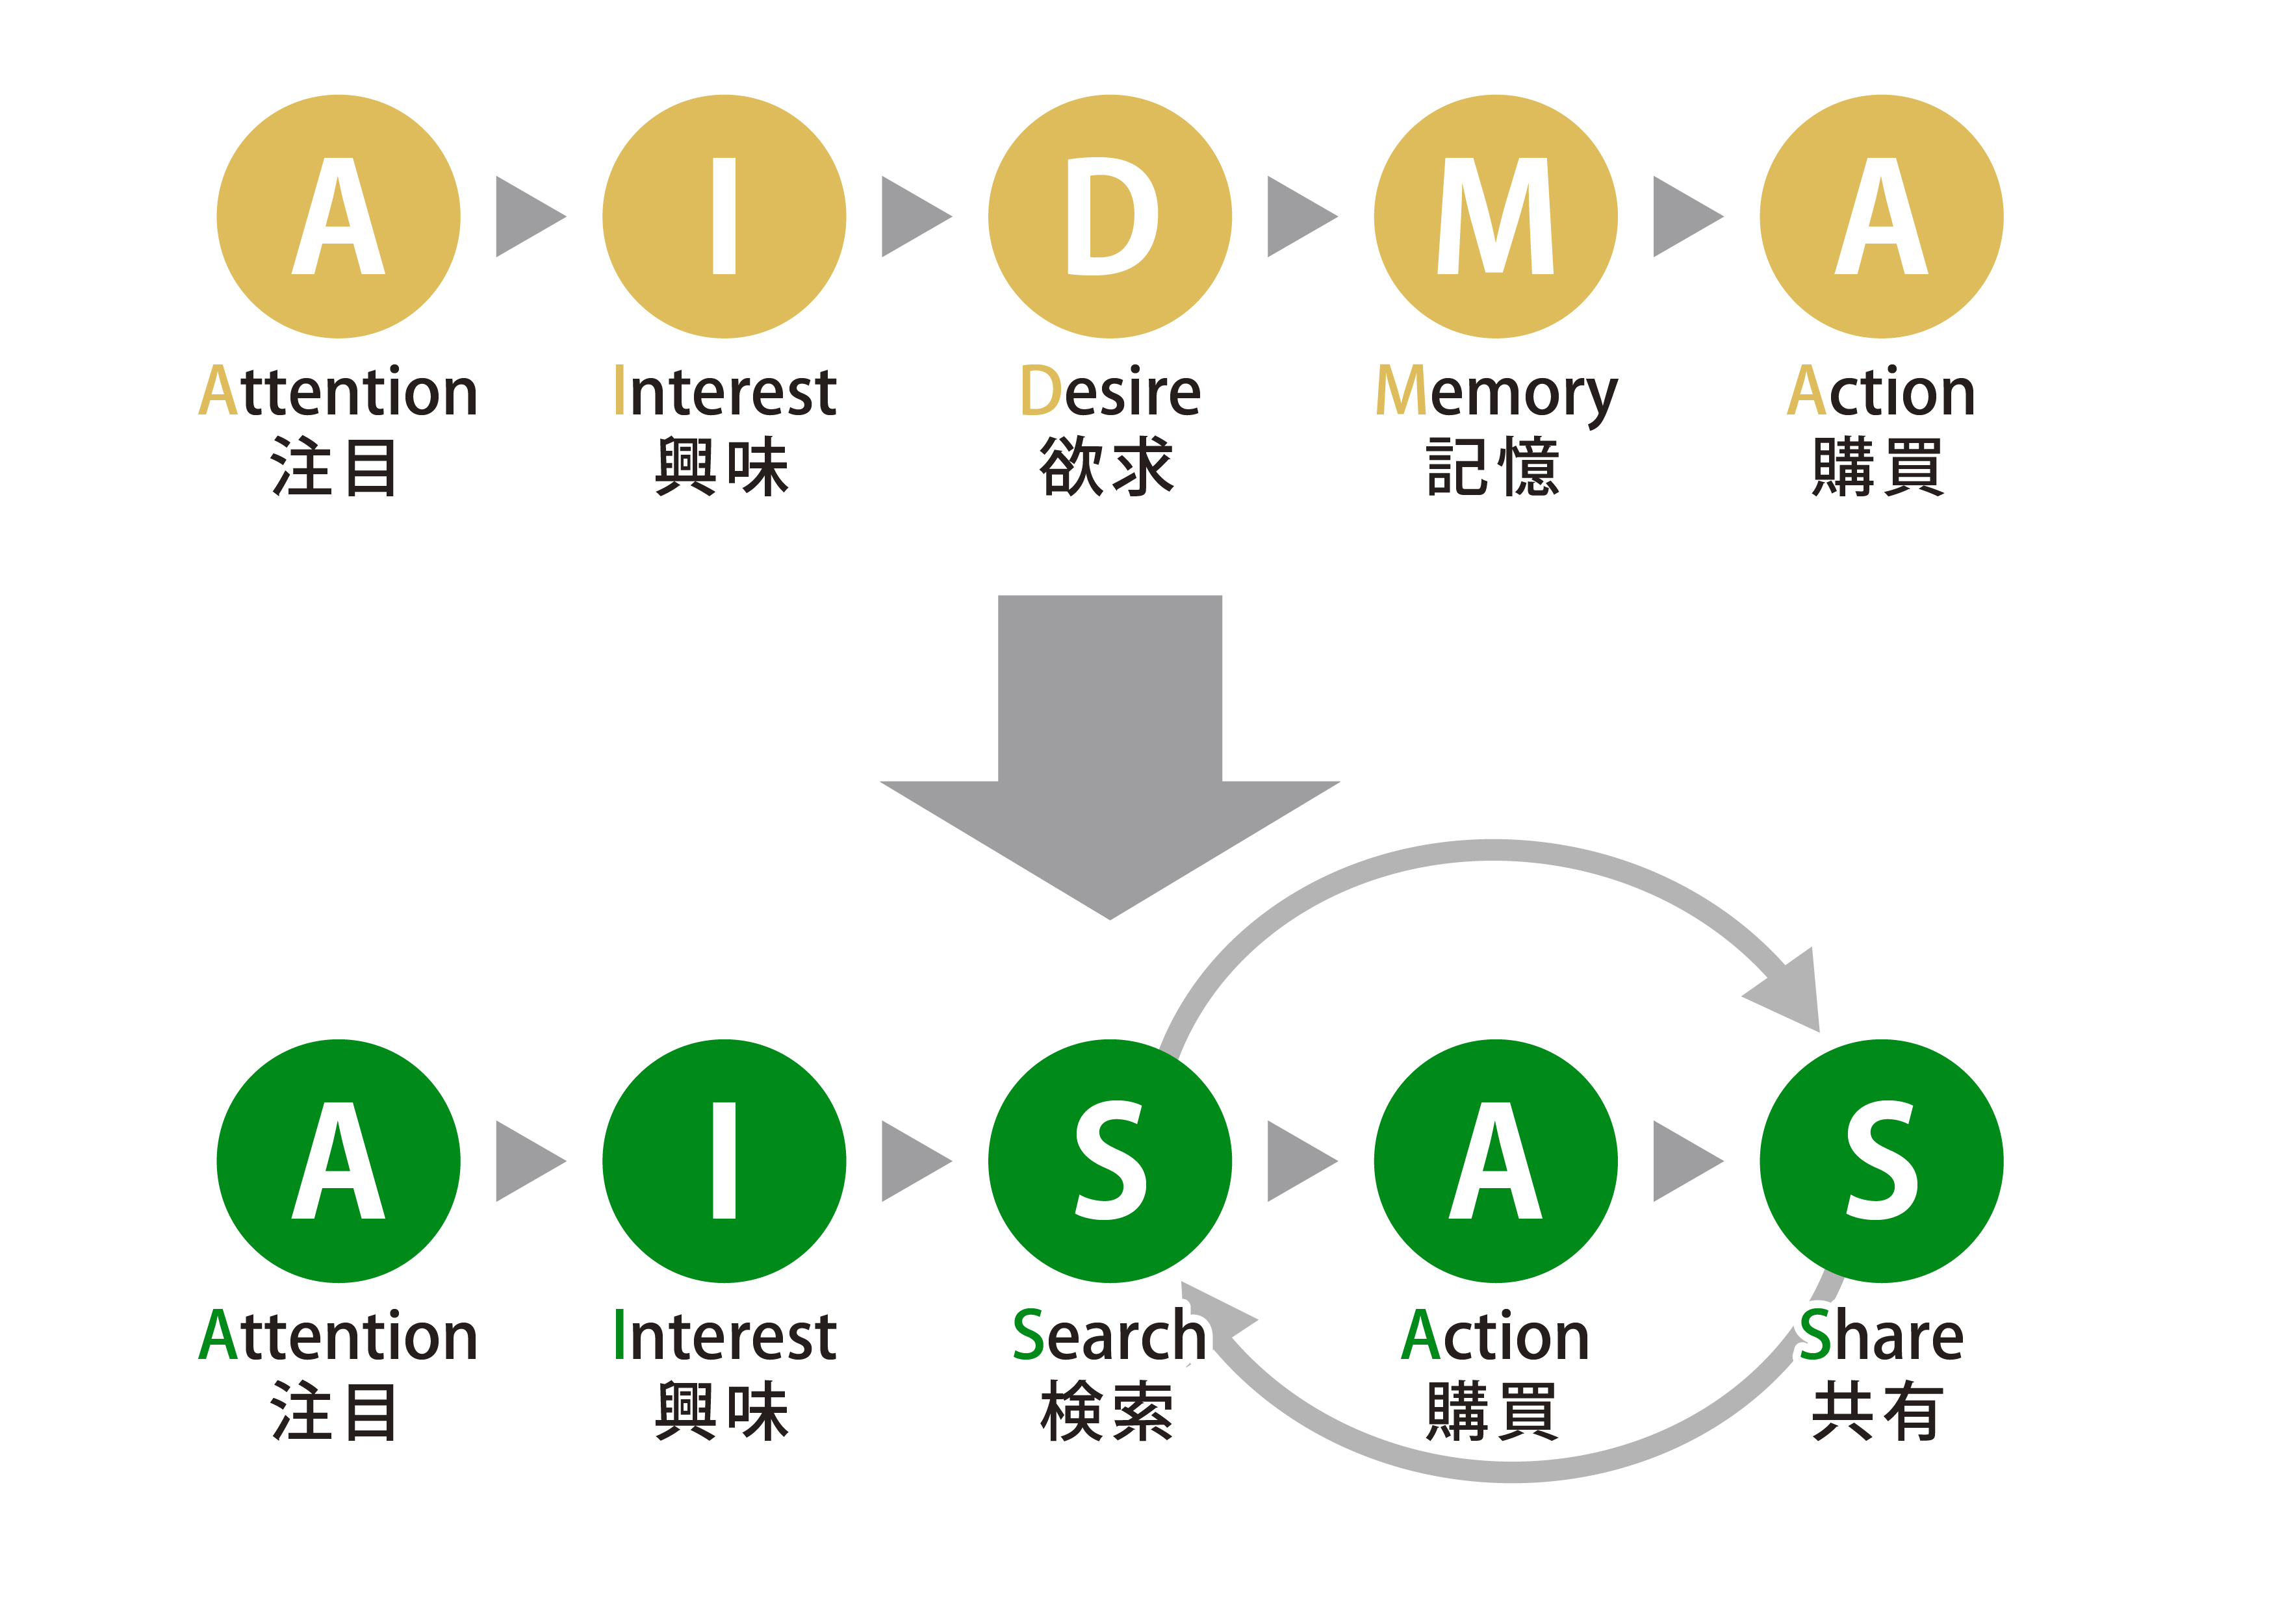 AIDMAとAISASのイメージ画像 Attention(注目)、Interest(興味)、Desire(欲求)、Memory(記憶)、Action(購買)で成り立つのがAIDMA、Attention(注目)、Interest(興味)、Search(検索)、Action(購買)、Share(共有)で成り立つのがAISAS